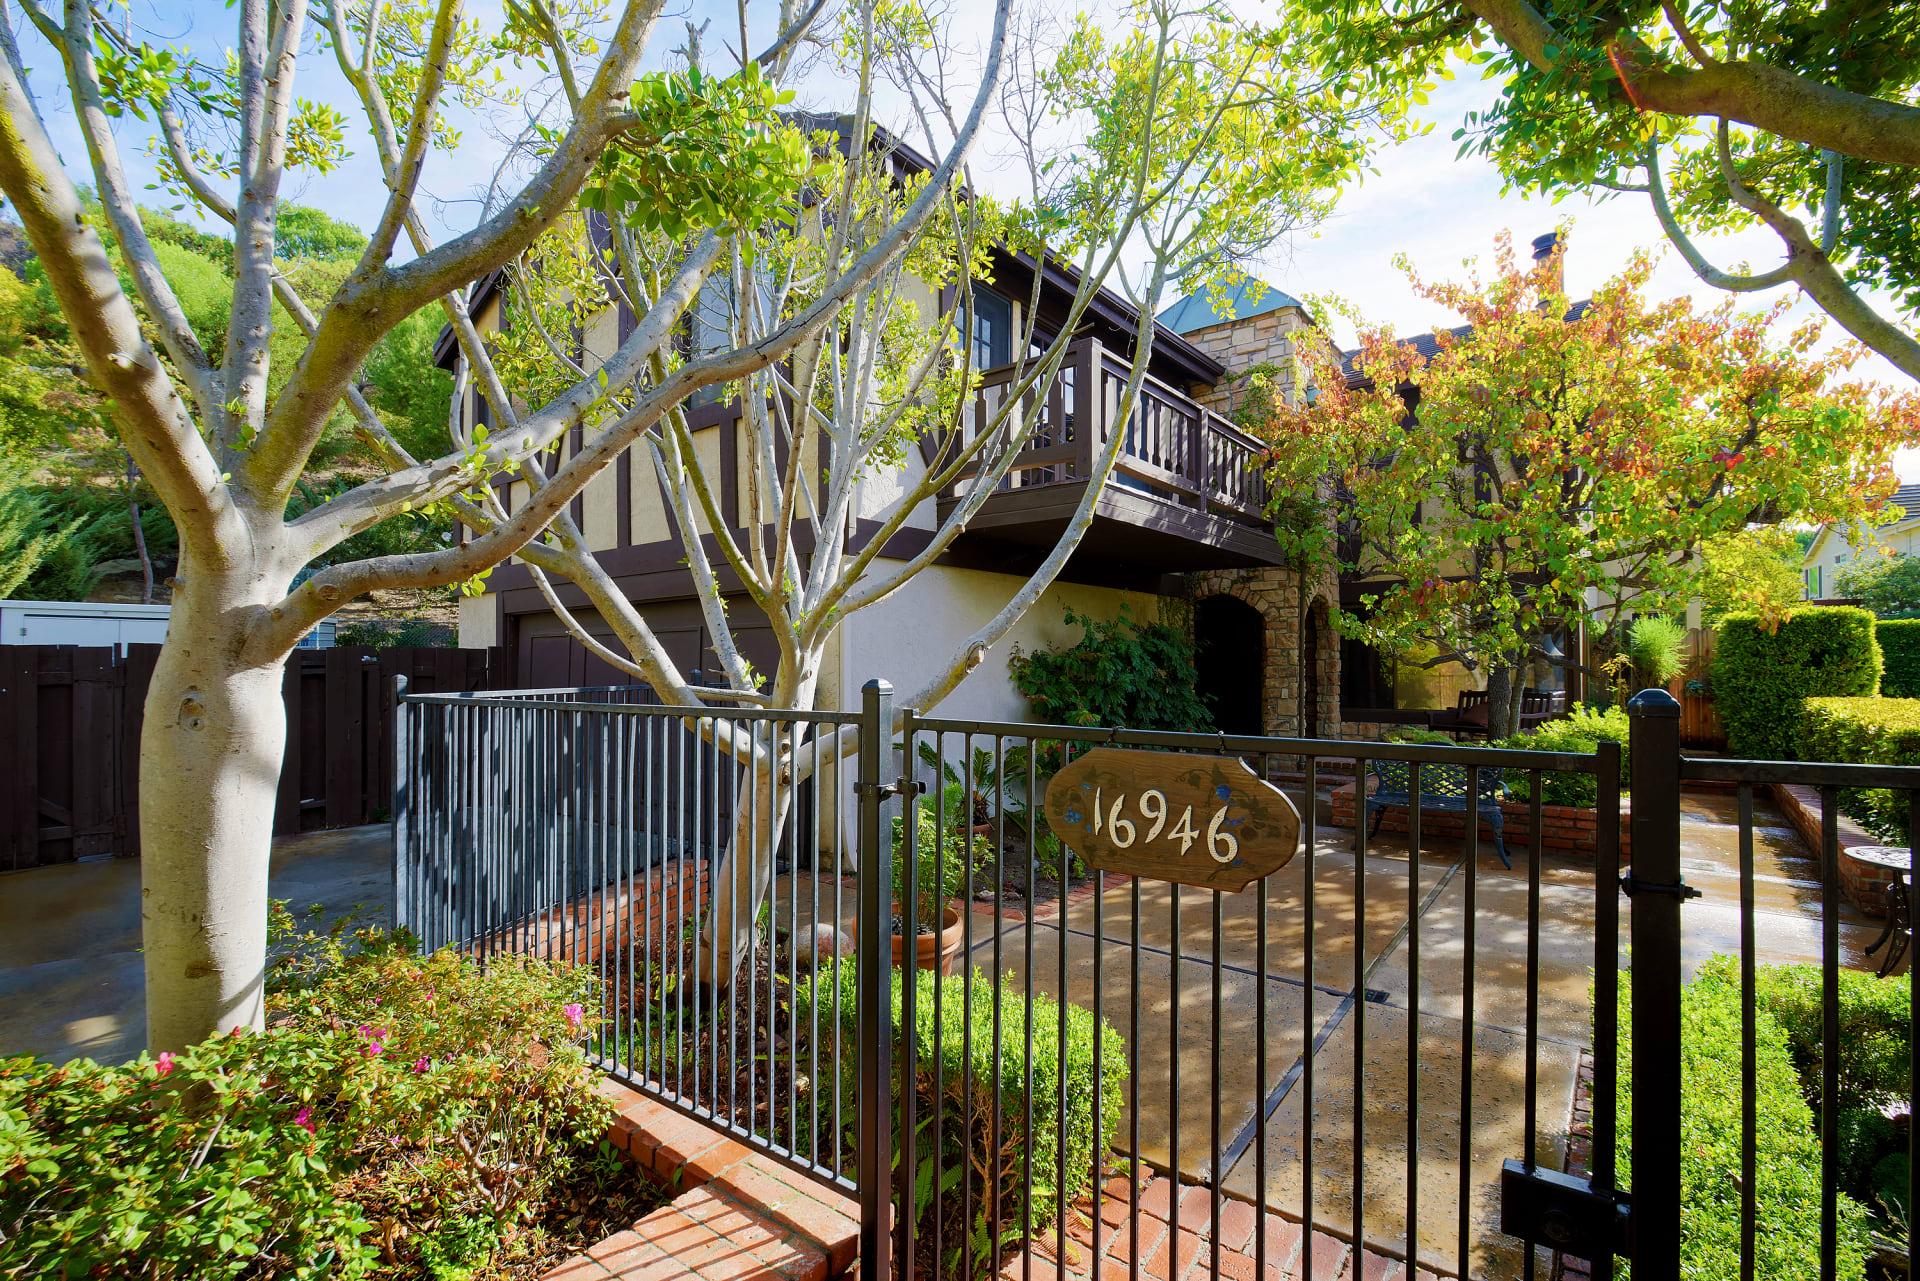 16946 Ave de Santa Ynez photo